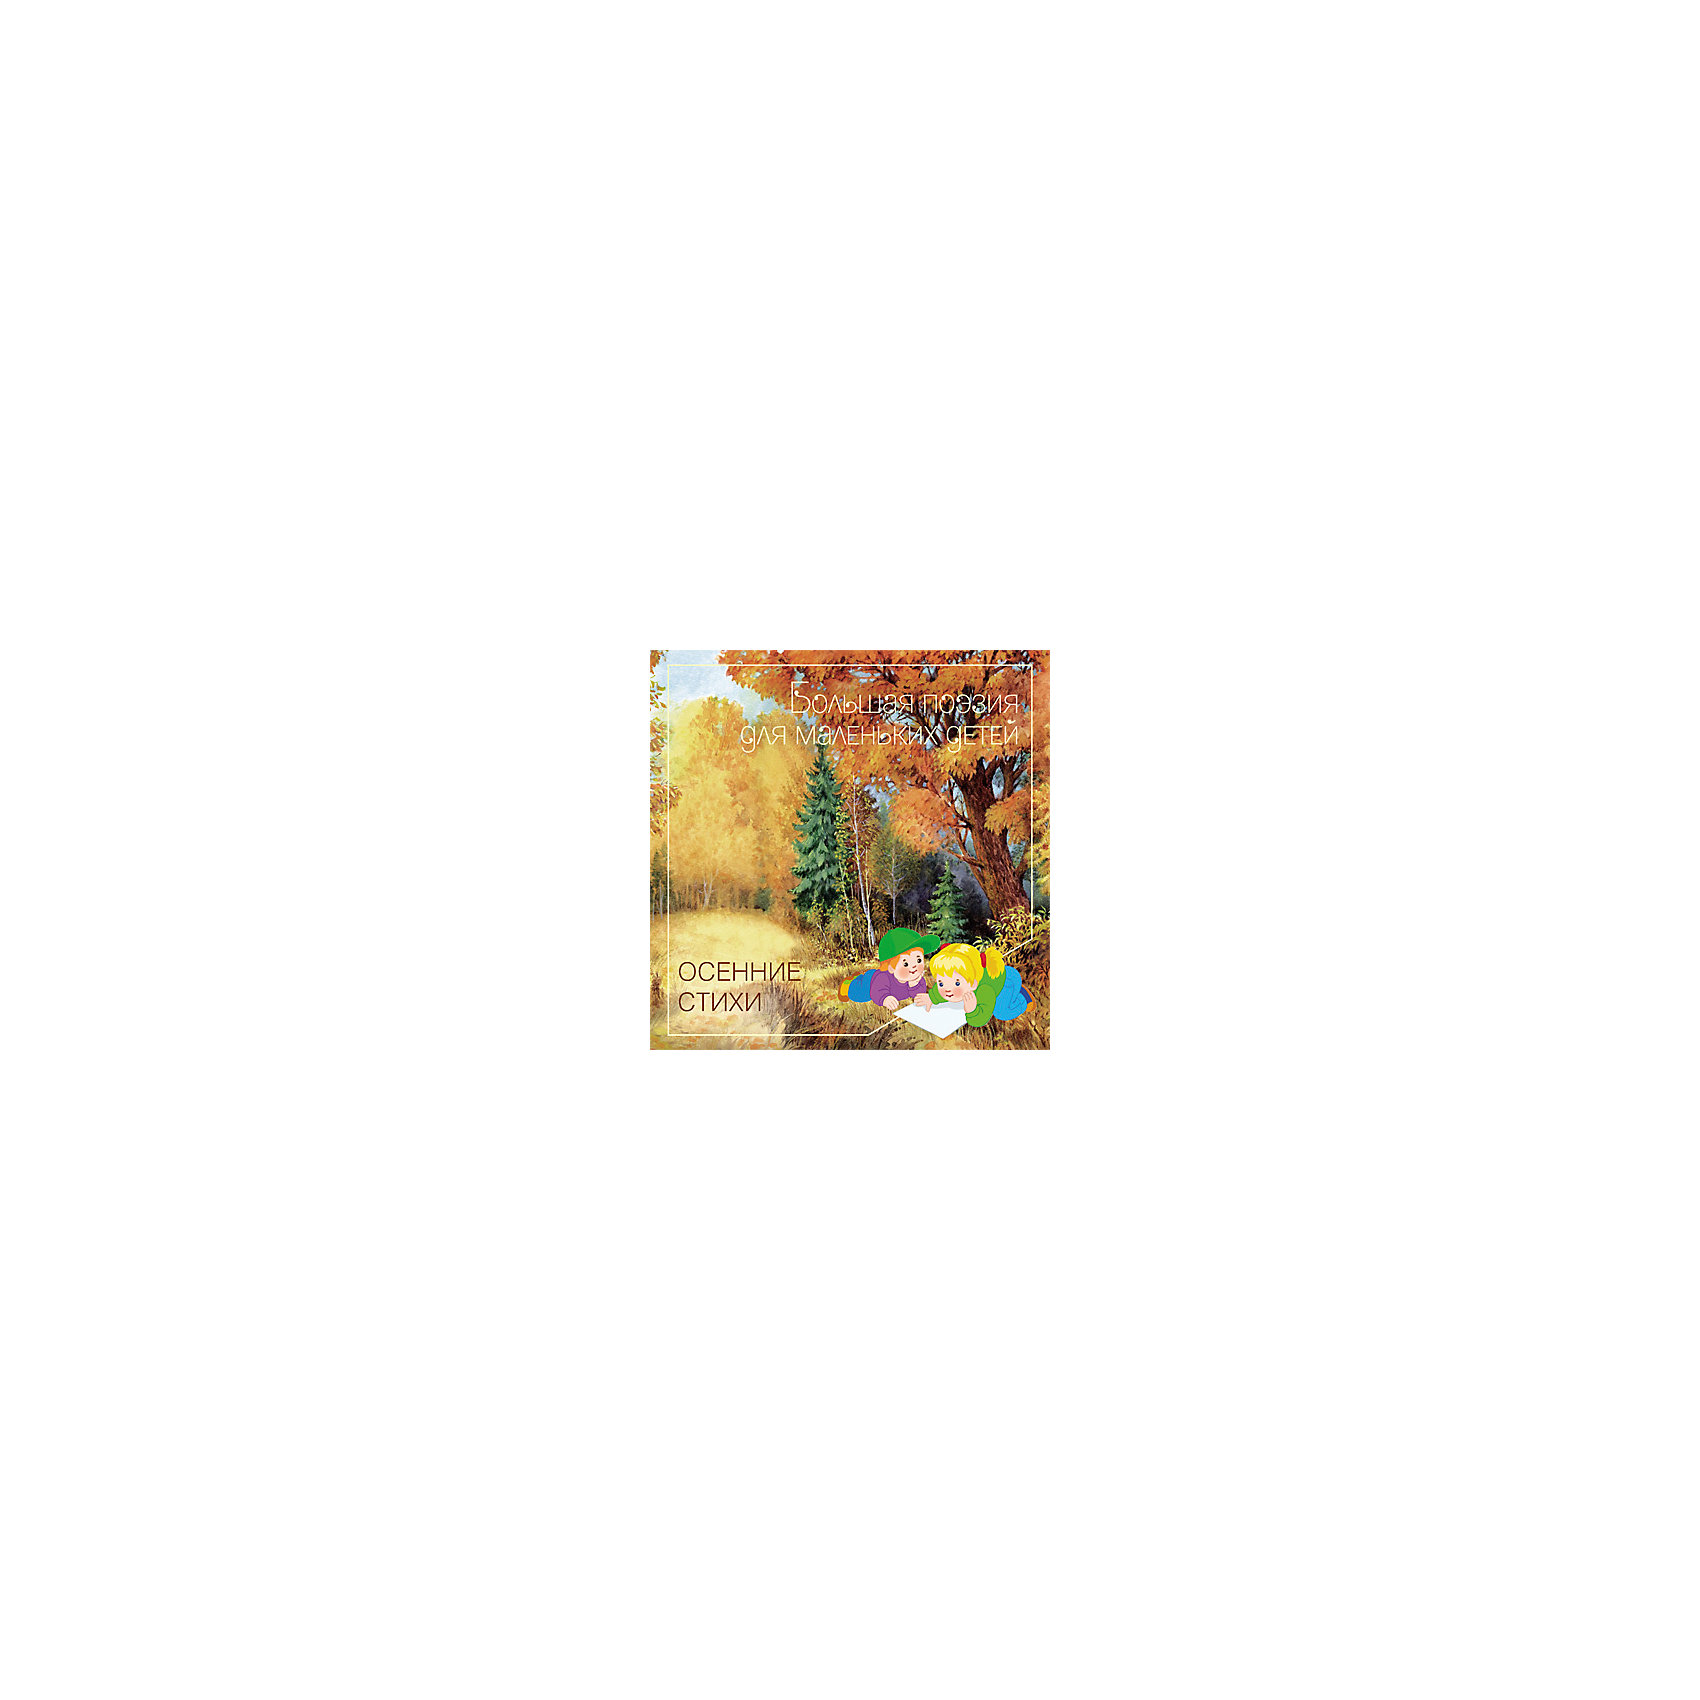 Сборник стихотворений русских классиков Осенние стихиСтихи<br>Сборник стихотворений русских классиков Осенние стихи.<br><br>Характеристики:<br><br>• Для детей в возрасте: от 3 до 9 лет<br>• Художник: Владимир Белоусов<br>• Издательство: Мозаика-Синтез, 2011<br>• Серия: Большая поэзия для маленьких детей<br>• Тип обложки: мягкий переплет (крепление скрепкой или клеем)<br>• Оформление: частичная лакировка<br>• Иллюстрации: цветные<br>• Количество страниц: 24 (мелованная)<br>• Размер: 290х290х2 мм.<br>• Вес: 188 гр.<br>• ISBN: 9785867757045<br><br>Сборник стихотворений Осенние стихи – это большая поэзия для маленьких детей. На страницах этой книги собраны лучшие стихи русских классиков об осени. Это произведения А.С. Пушкина, Ф.И. Тютчева, Н.А. Некрасова, И.А. Бунина, А.Н. Плещеева и других великих поэтов. Чтение принесет радость как малышам, для которых создана эта замечательная книга, так и взрослым. Книга богато и красочно оформлена. Каждый разворот – это великолепный акварельный пейзаж. На его фоне крупным, хорошо читаемым шрифтом напечатано стихотворение.<br><br>Сборник стихотворений русских классиков Осенние стихи можно купить в нашем интернет-магазине.<br><br>Ширина мм: 200<br>Глубина мм: 290<br>Высота мм: 290<br>Вес г: 188<br>Возраст от месяцев: 36<br>Возраст до месяцев: 84<br>Пол: Унисекс<br>Возраст: Детский<br>SKU: 5523222